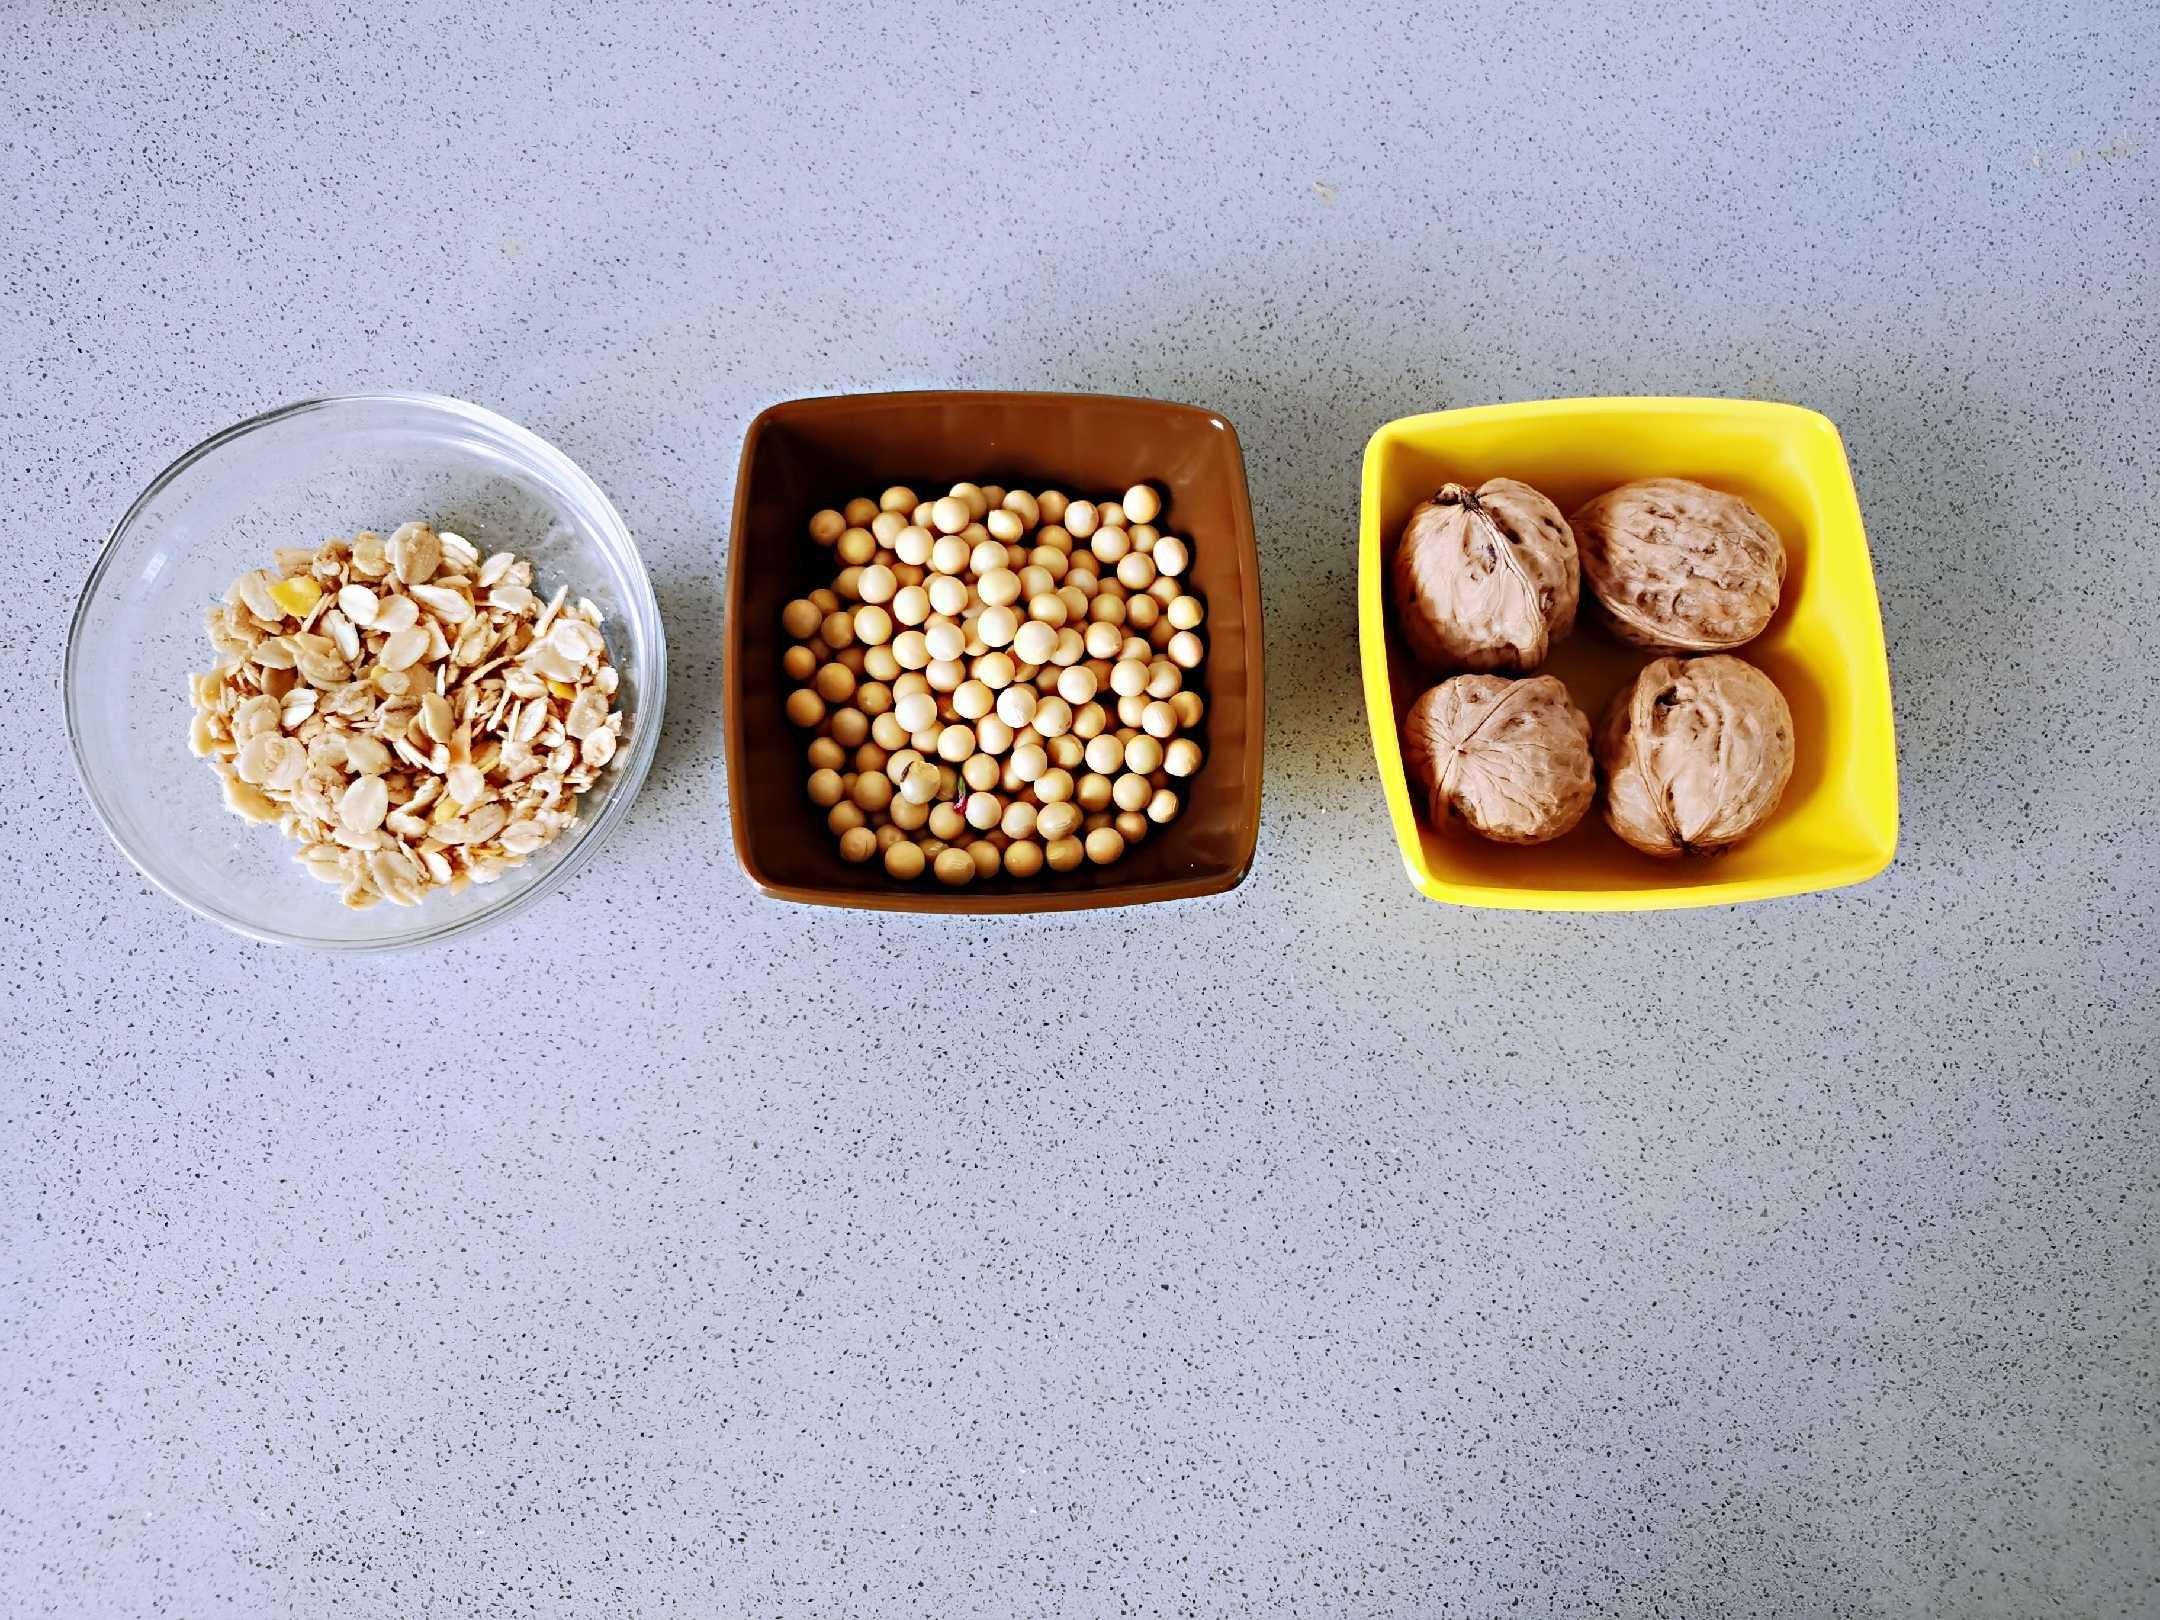 燕麦核桃米浆的做法大全